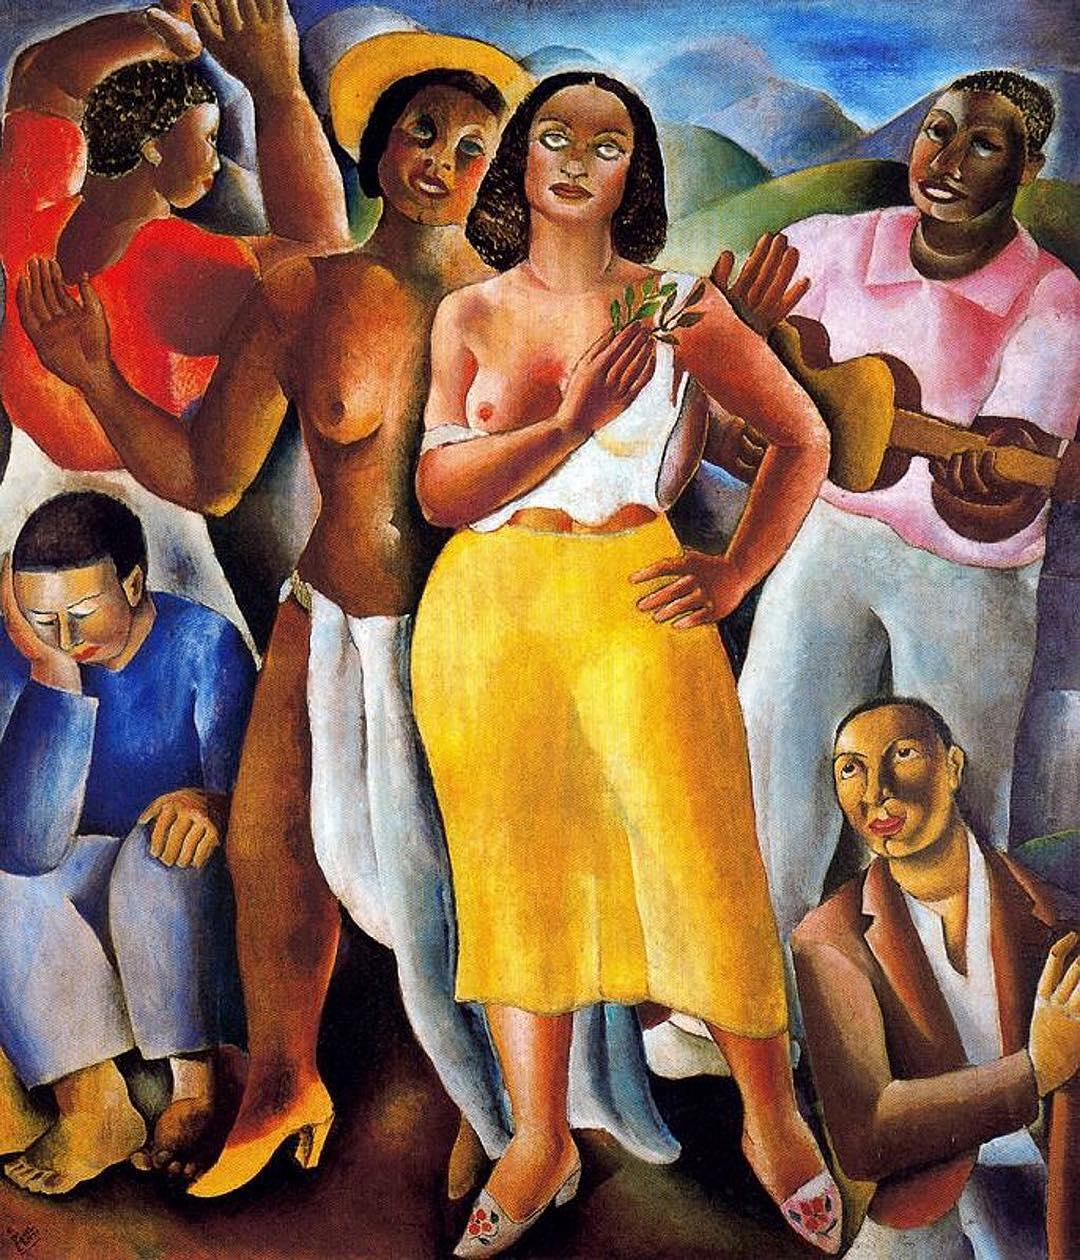 Samba, 1925